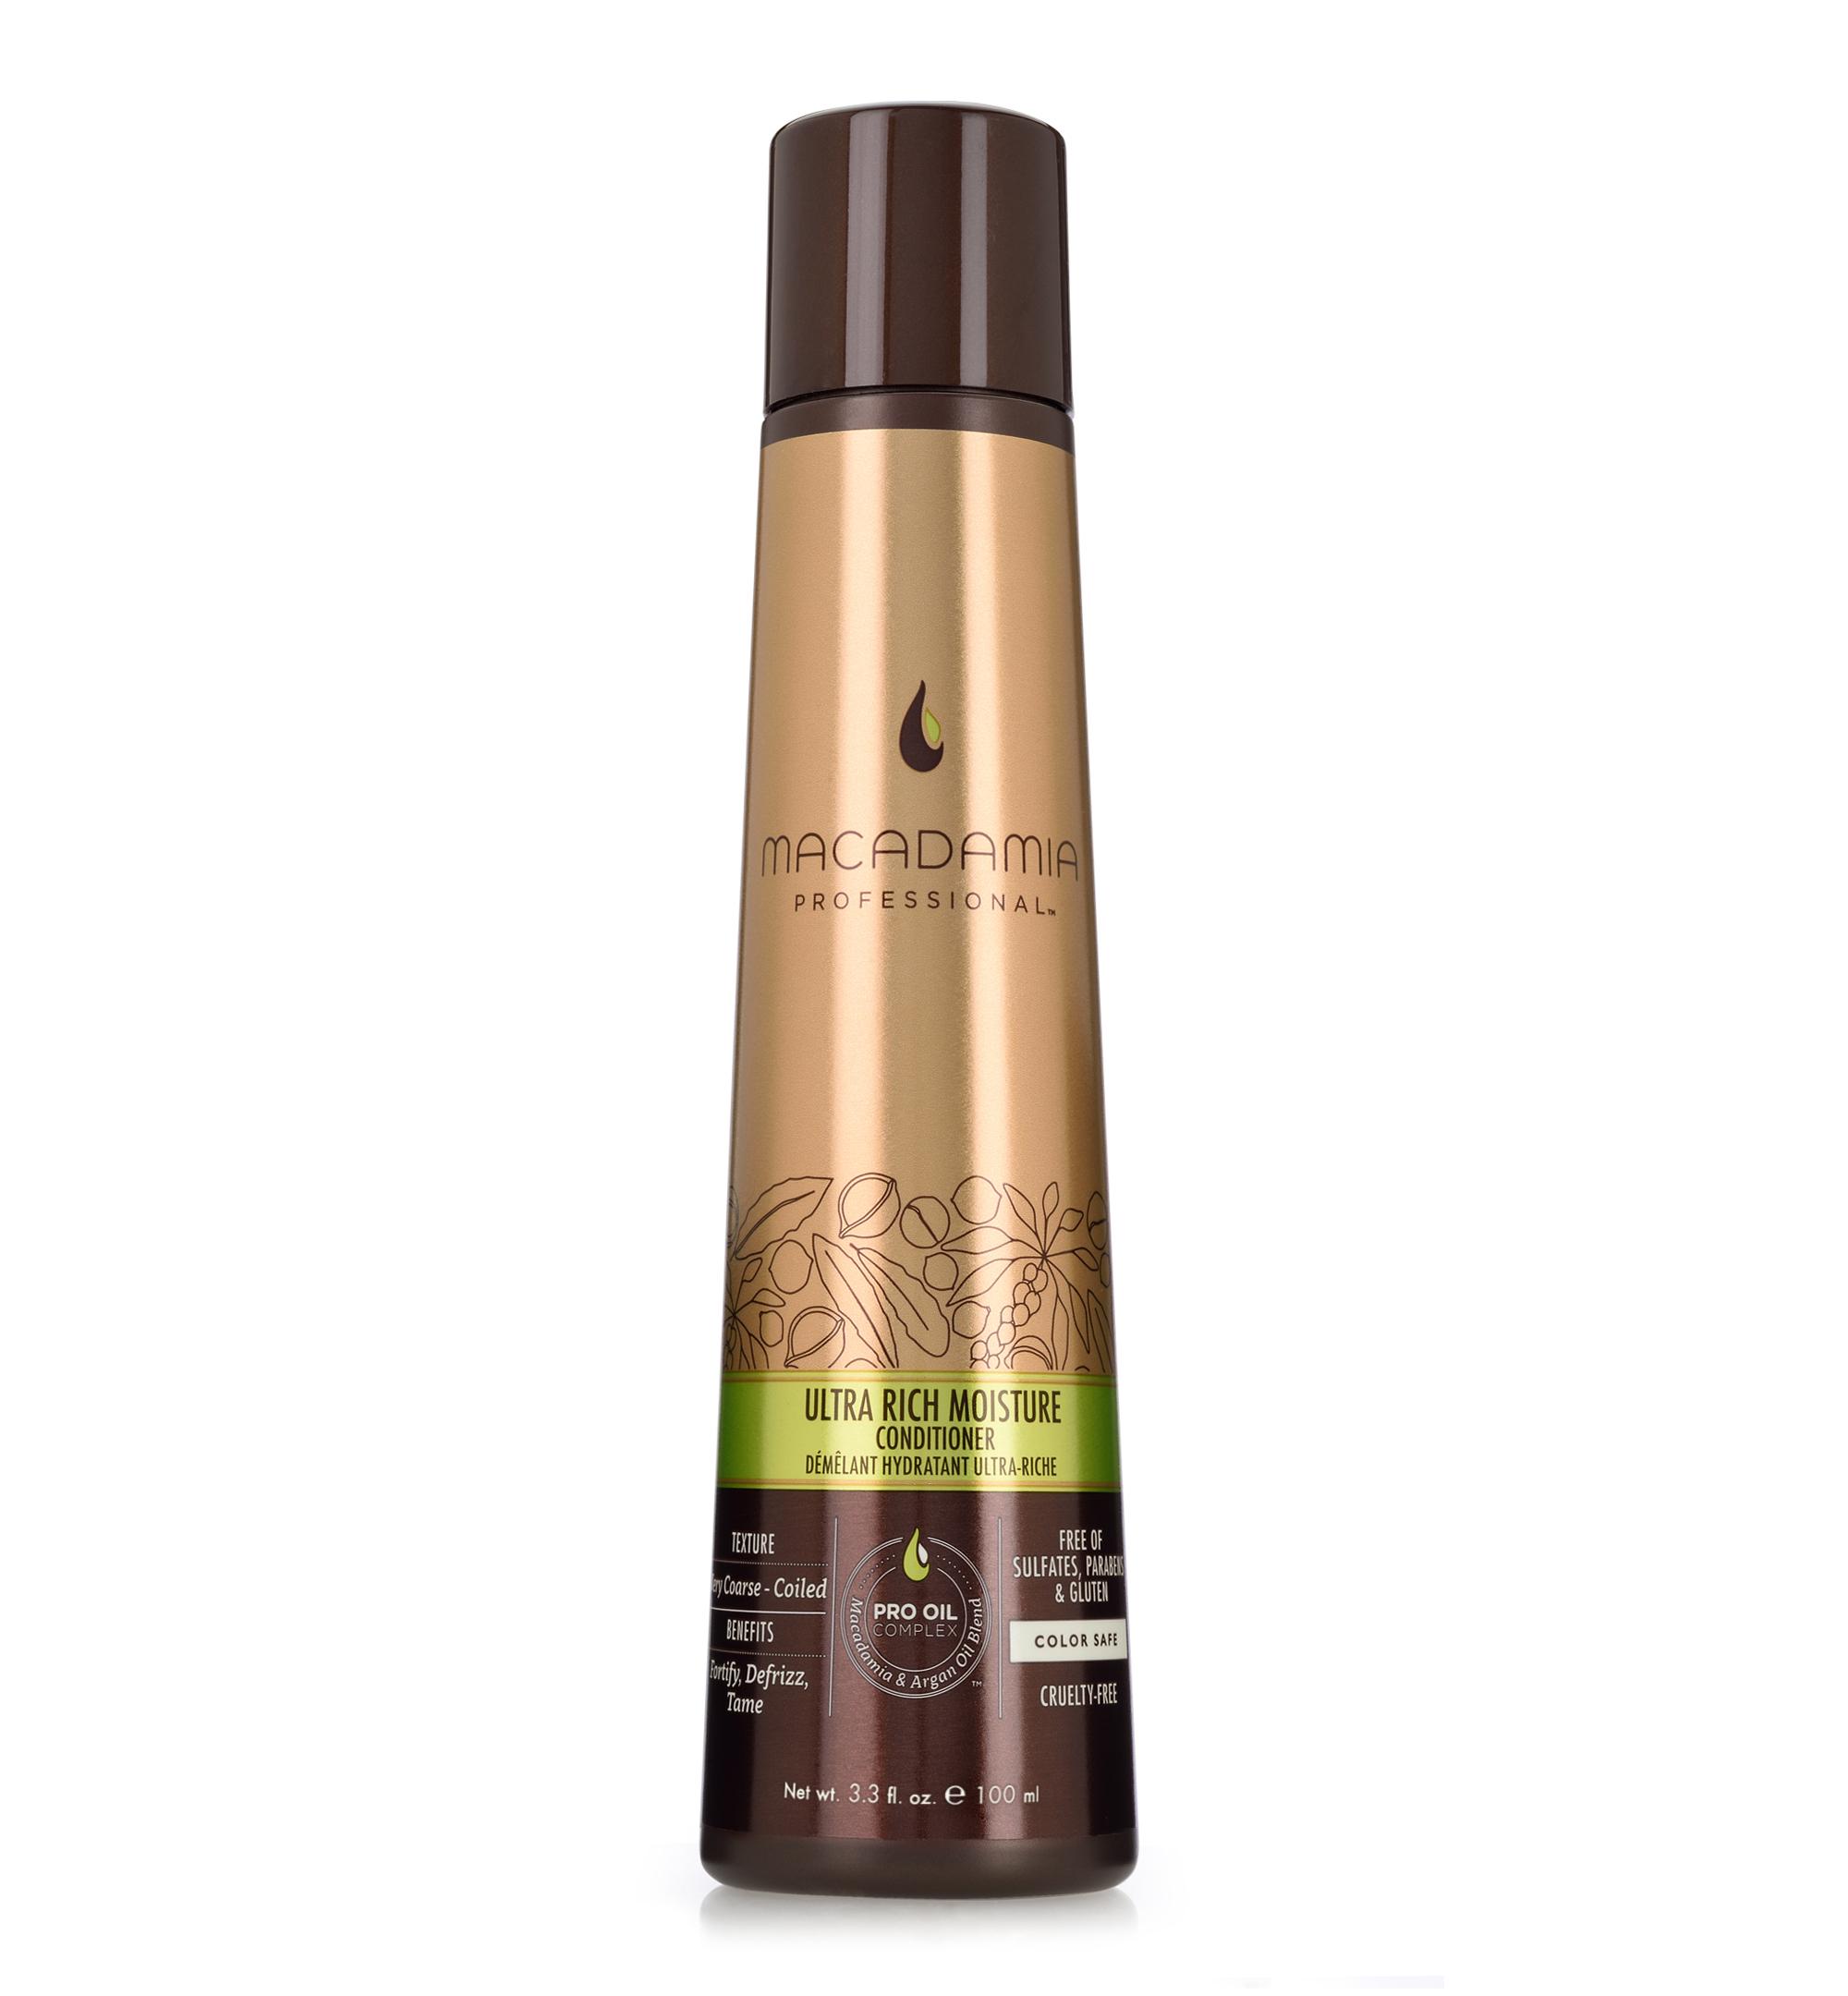 Macadamia Professional Кондиционер увлажняющий для жестких волос, 100 мл21033001Сочетание эксклюзивного комплекса Pro Oil Complex, масел авокадо и монгонго в увлажняющем кондиционере Macadamia Professional обеспечивает интенсивное восстановление и увлажнение волос, устраняет эффект пушистости и подчеркивает естественную форму локонов и текстуру волос. Сочетание аминокислот шелка, витаминов A, C и E укрепляет волосы и придает эластичность. Обеспечивает защиту от действия УФ-лучей и неблагоприятных факторов окружающей среды.